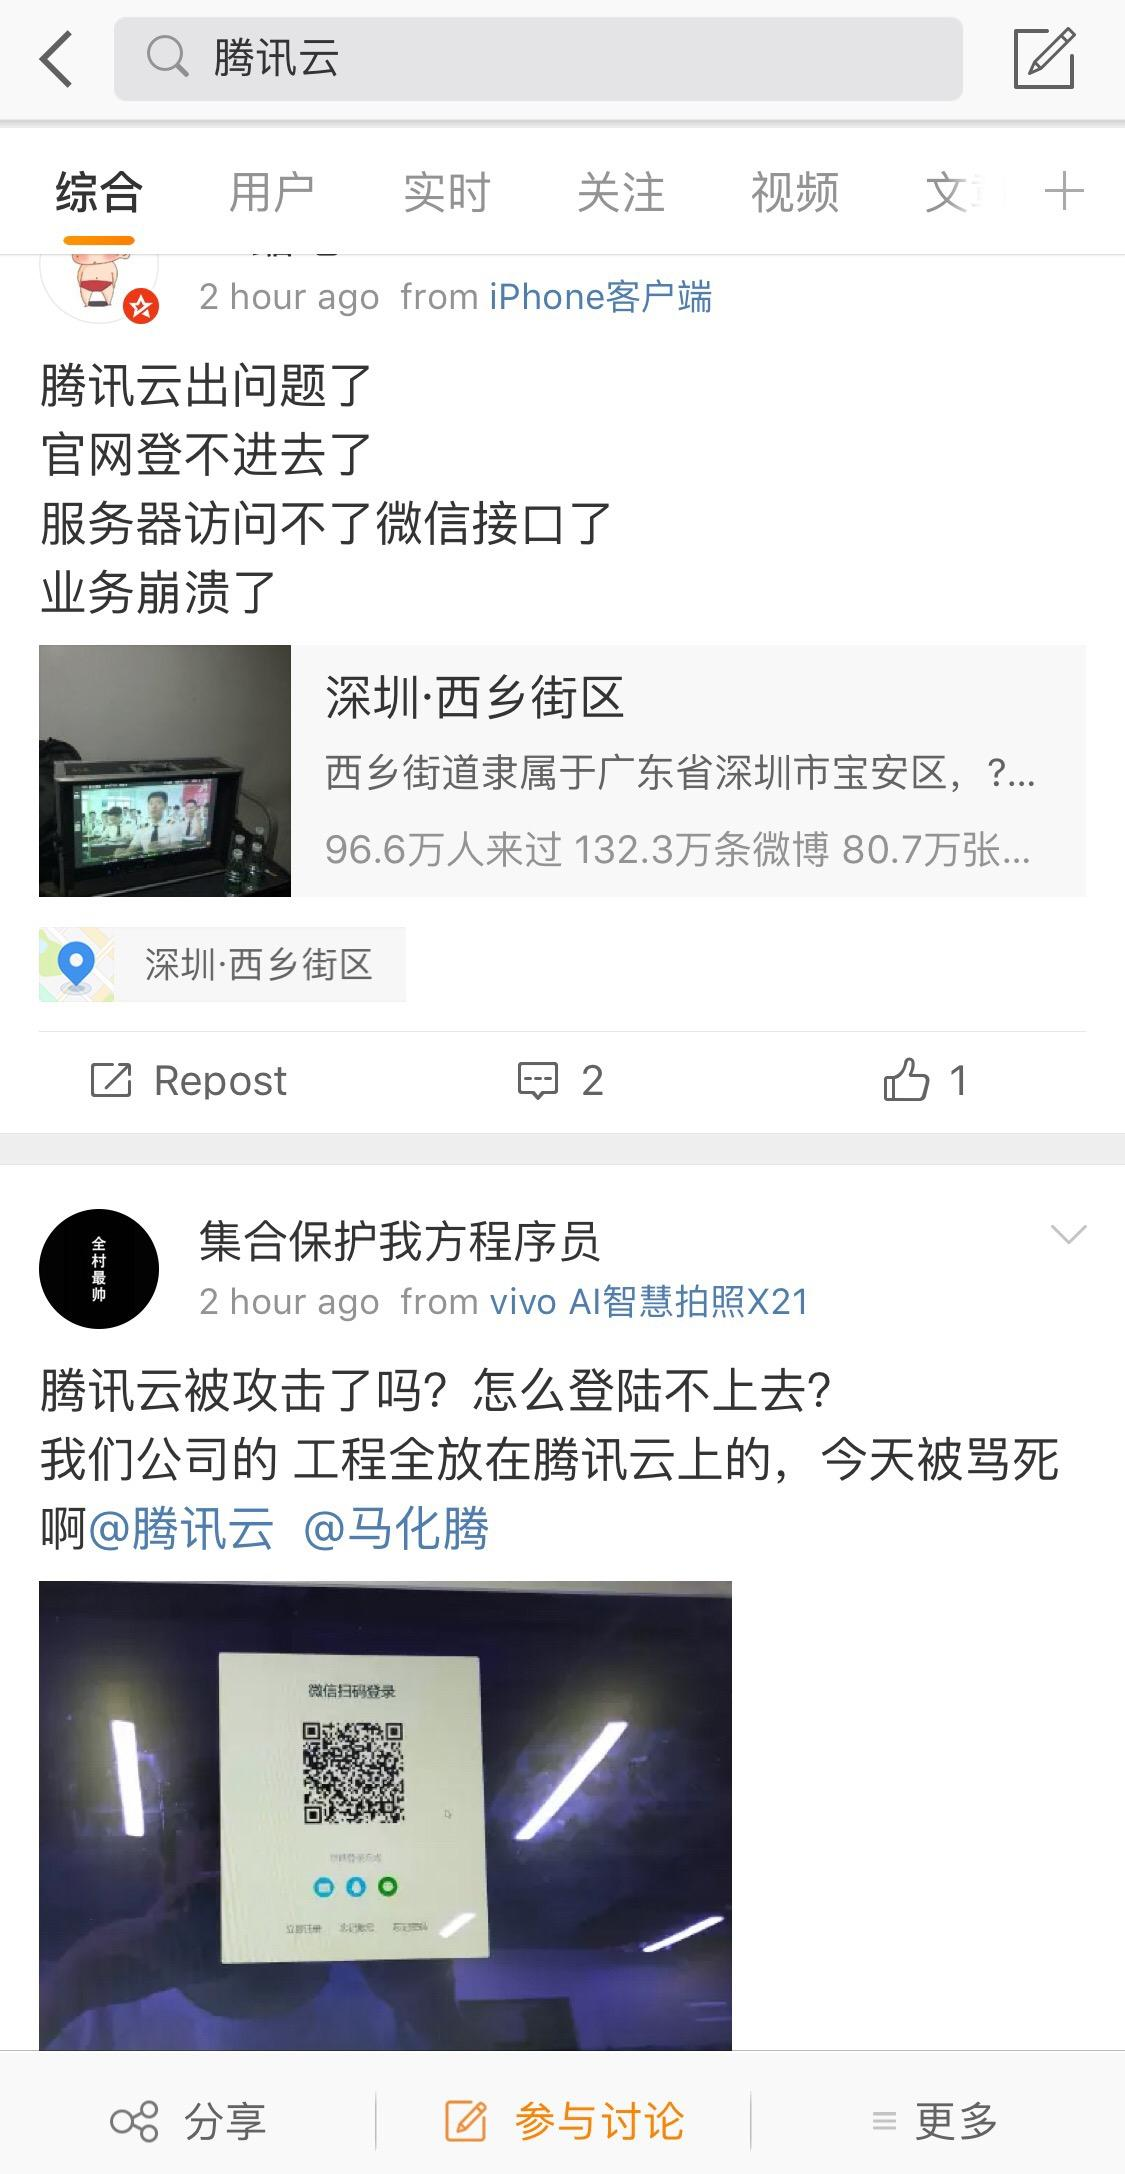 光缆中断腾讯云服务一度宕机致部分网站无法访问